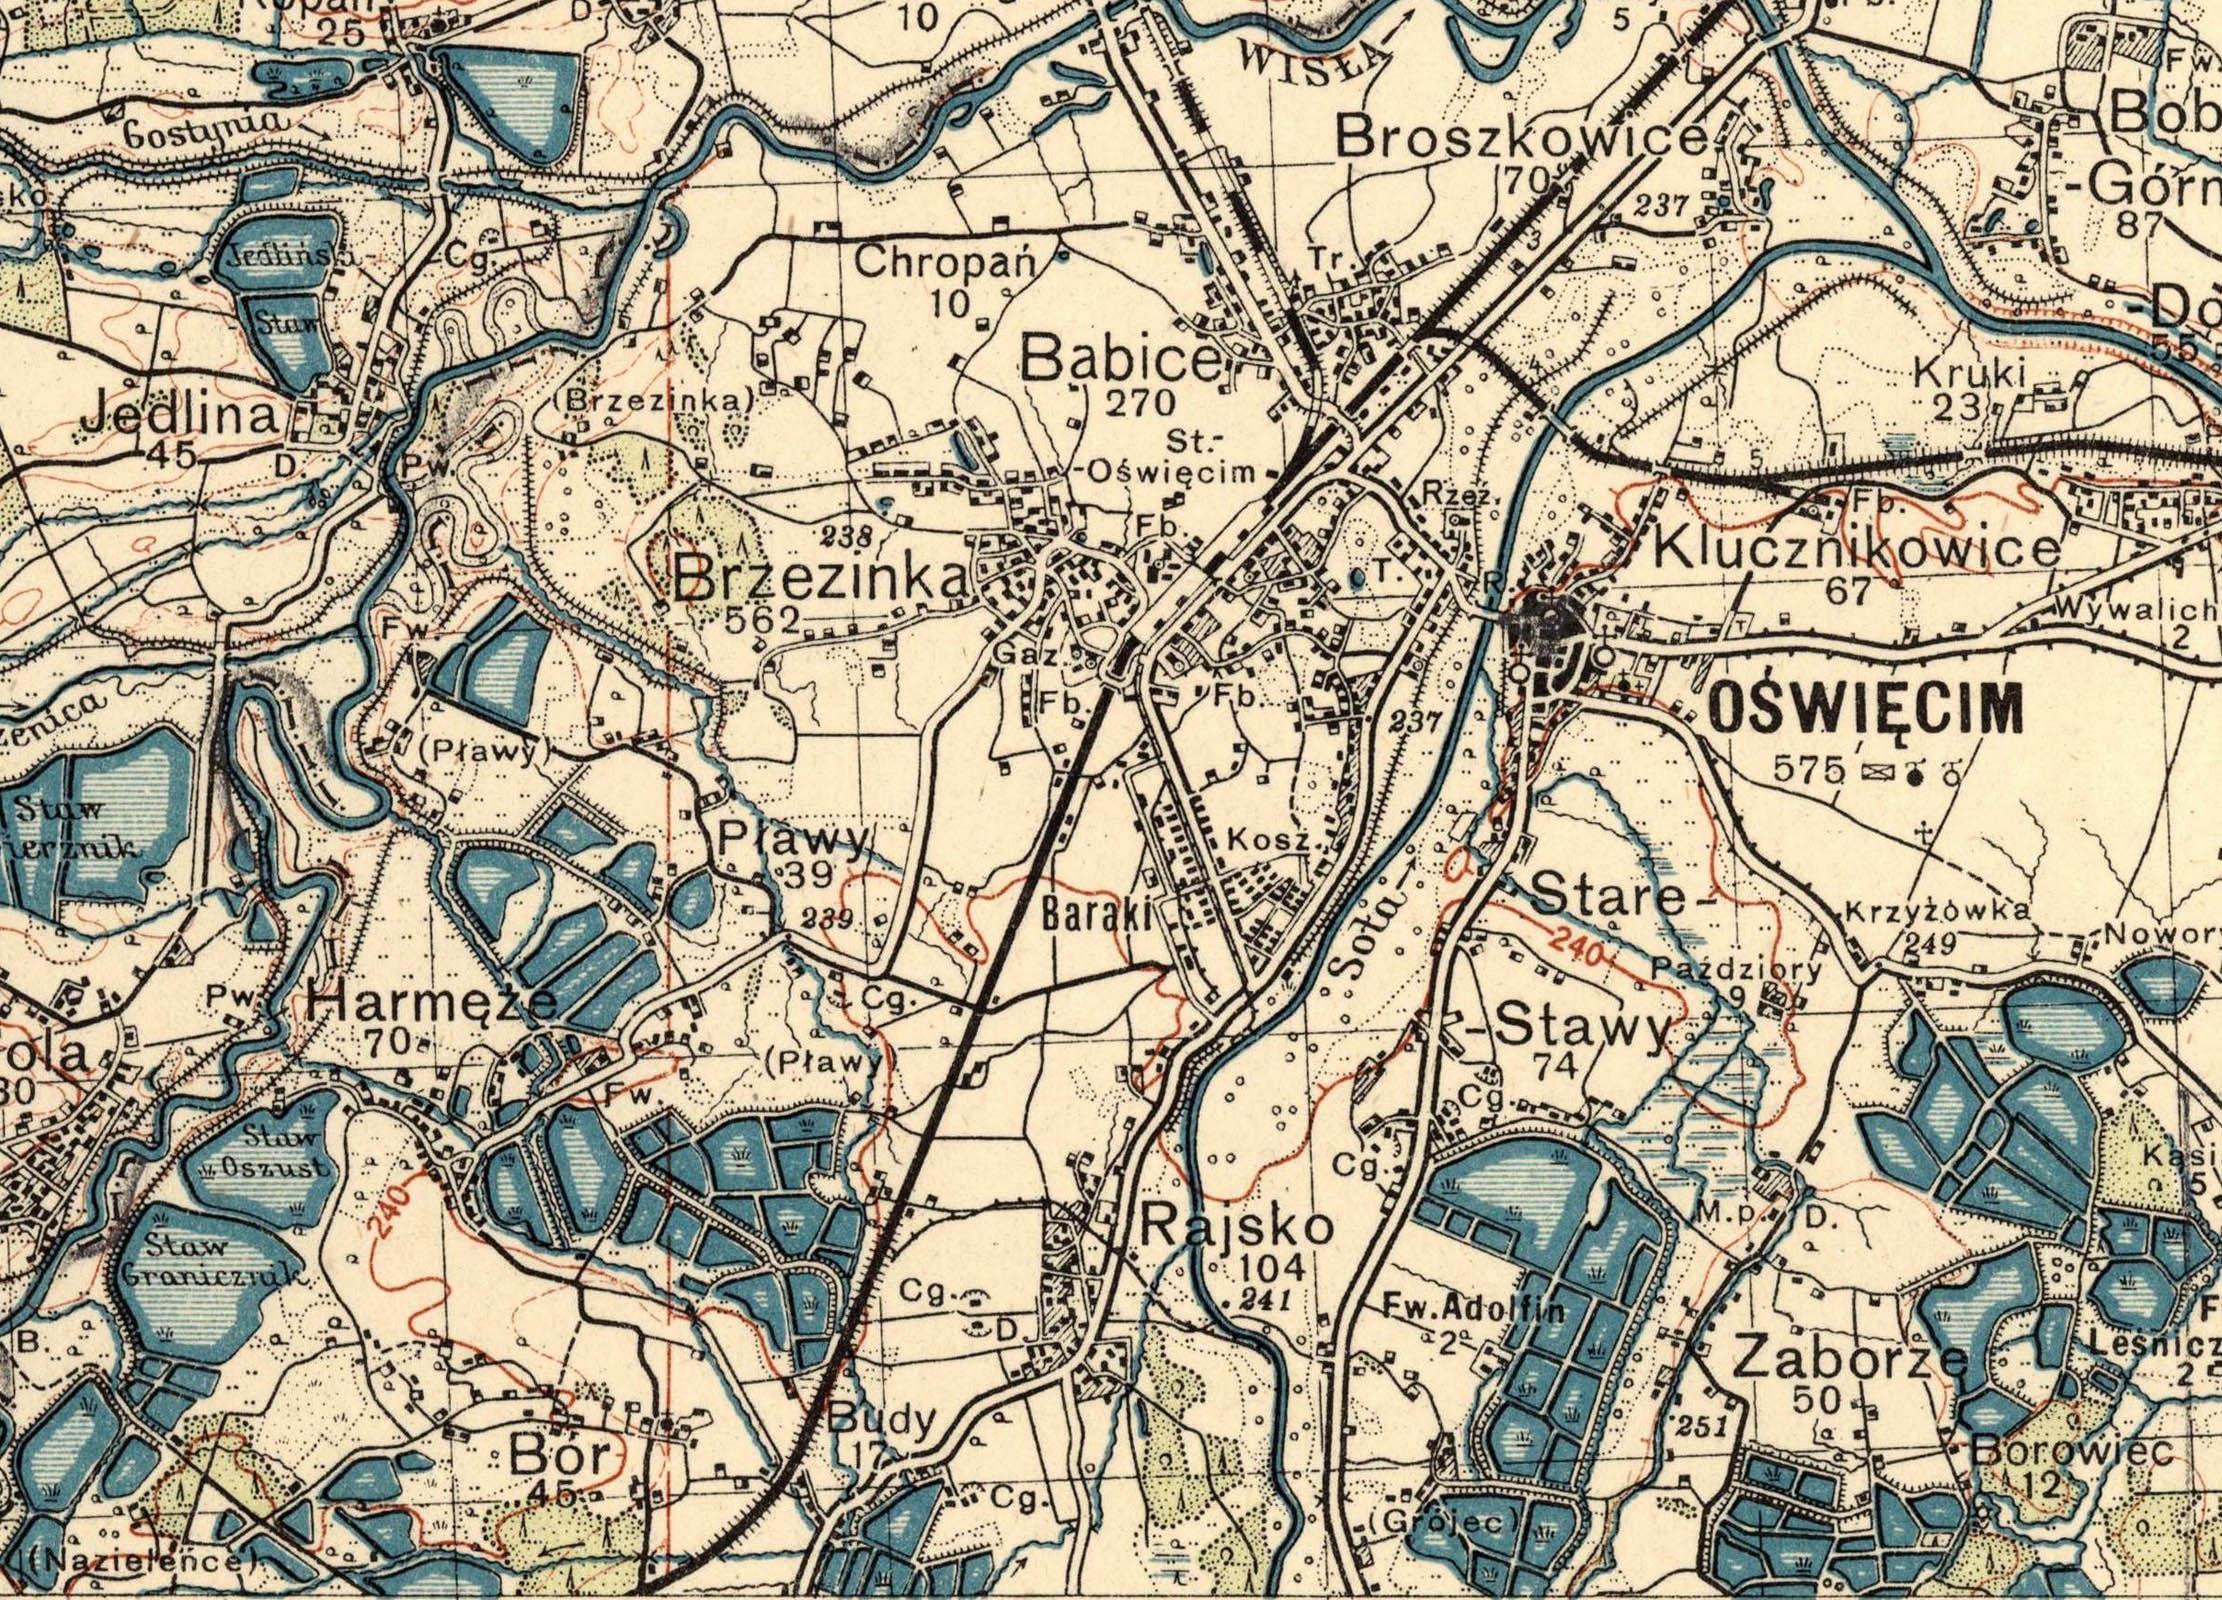 Ordinance survey map of 1933. Agricultural areas around Oswiecim Babice, Harmeze, Plawy, Rajsko, Budy